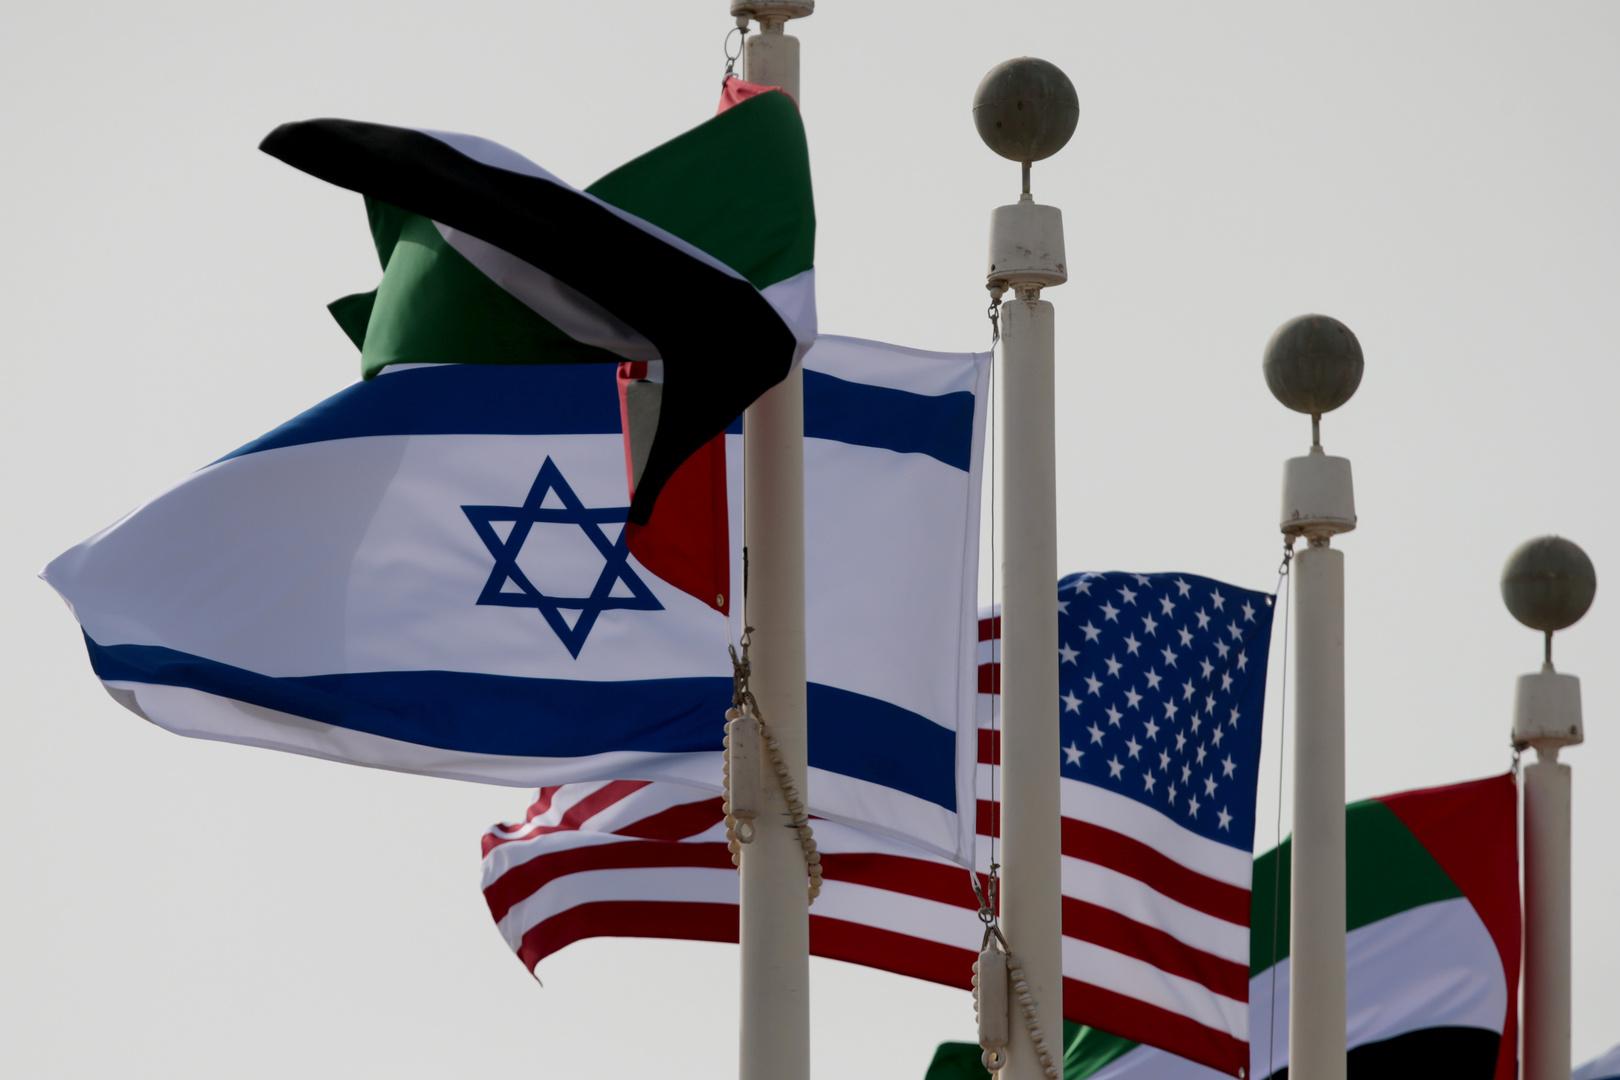 الإمارات تعلن عن رئيس وفدها لمراسم توقيع اتفاق السلام